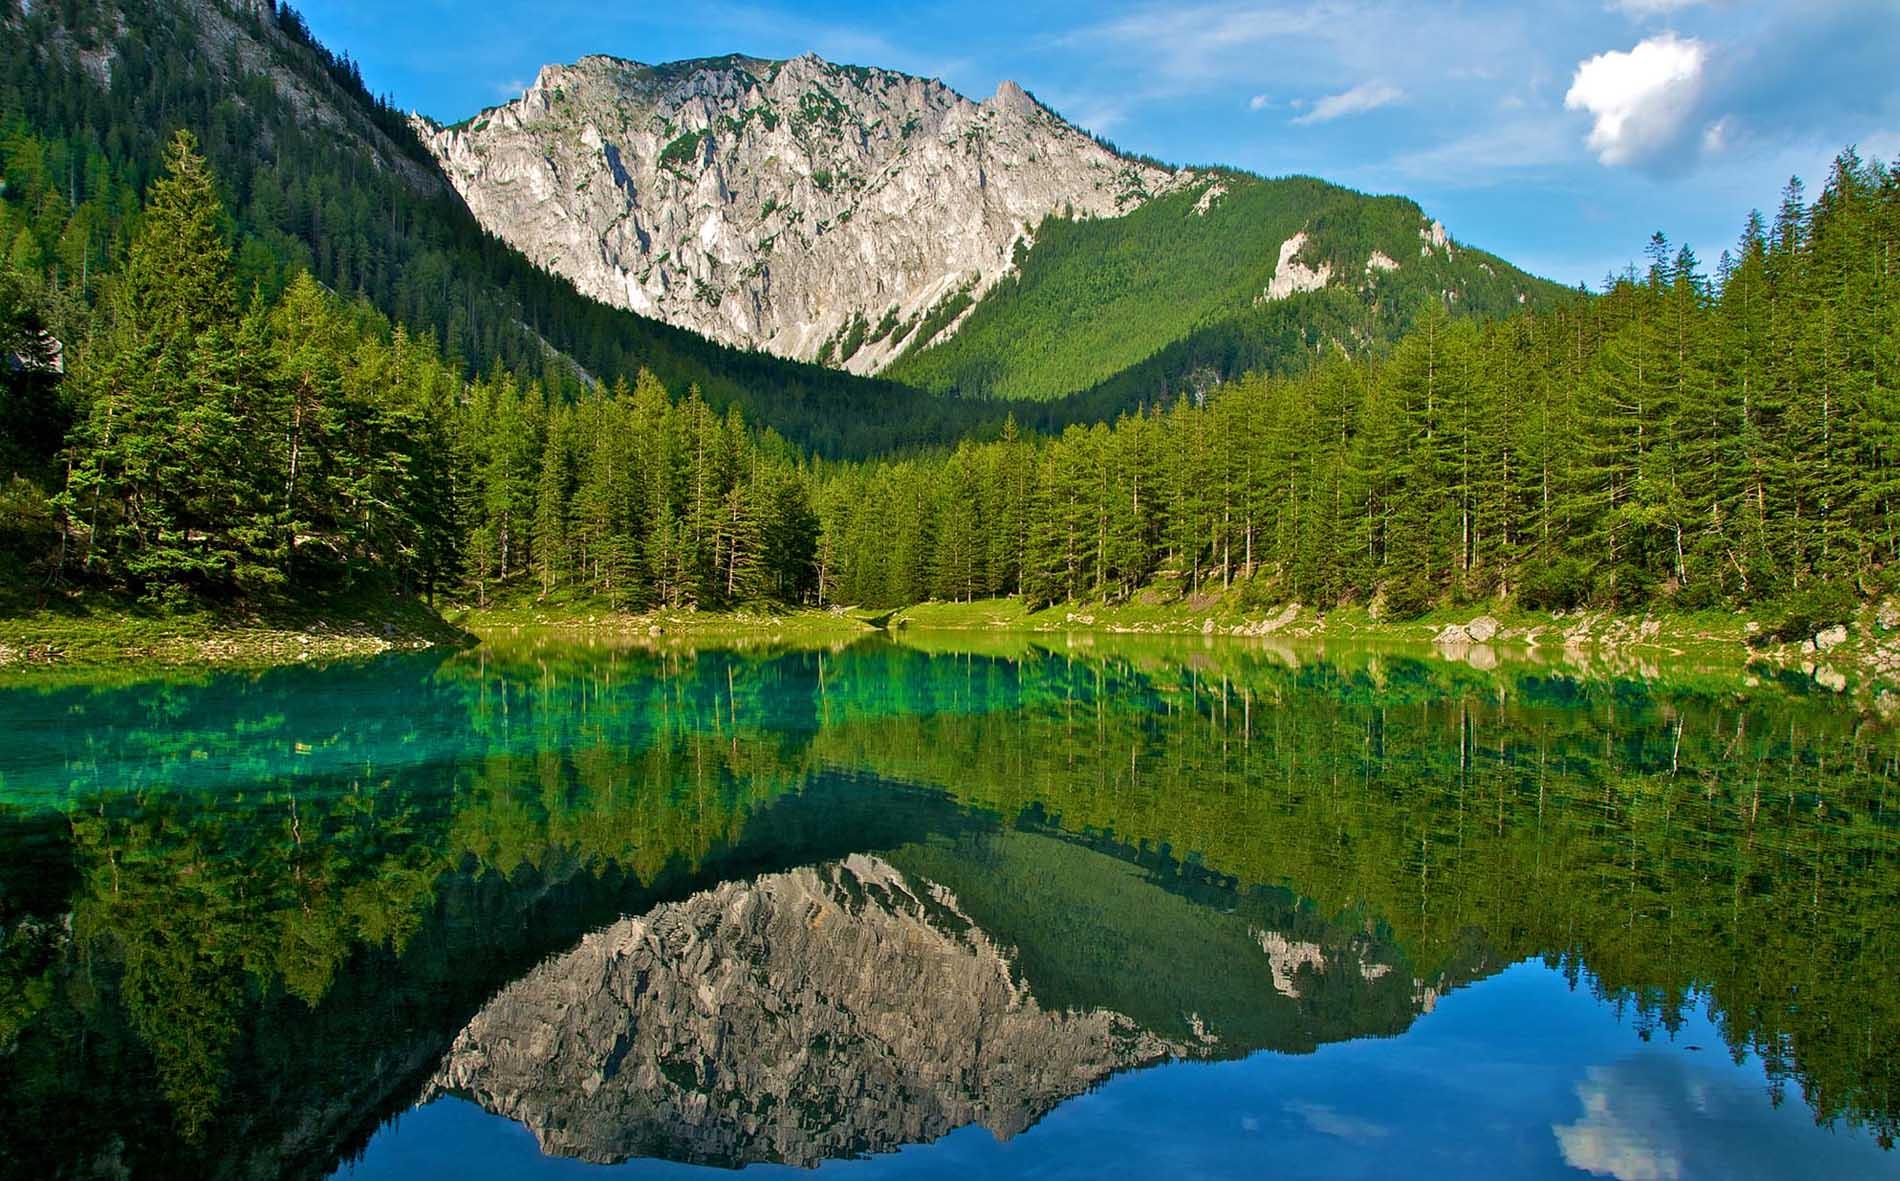 """Bất ngờ với vẻ đẹp công viên Áo được ví như """"chốn thần tiên"""", mỗi năm chỉ xuất hiện 6 tháng và lại... biến mất"""